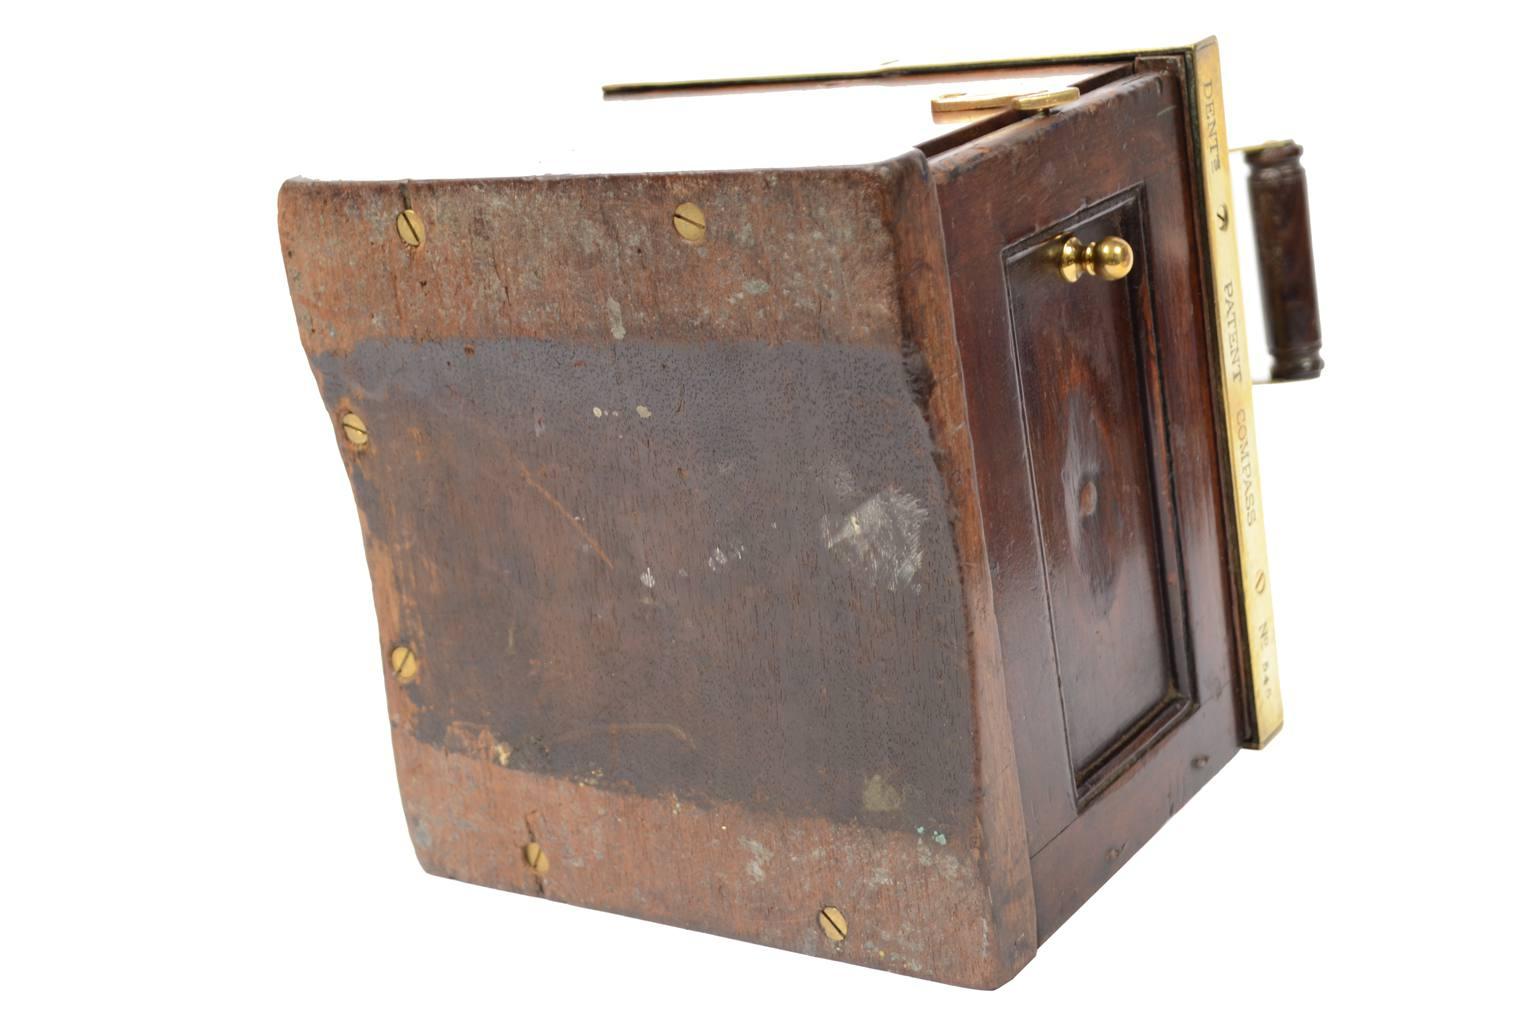 Bussole antiche/5243-Bussola Dent